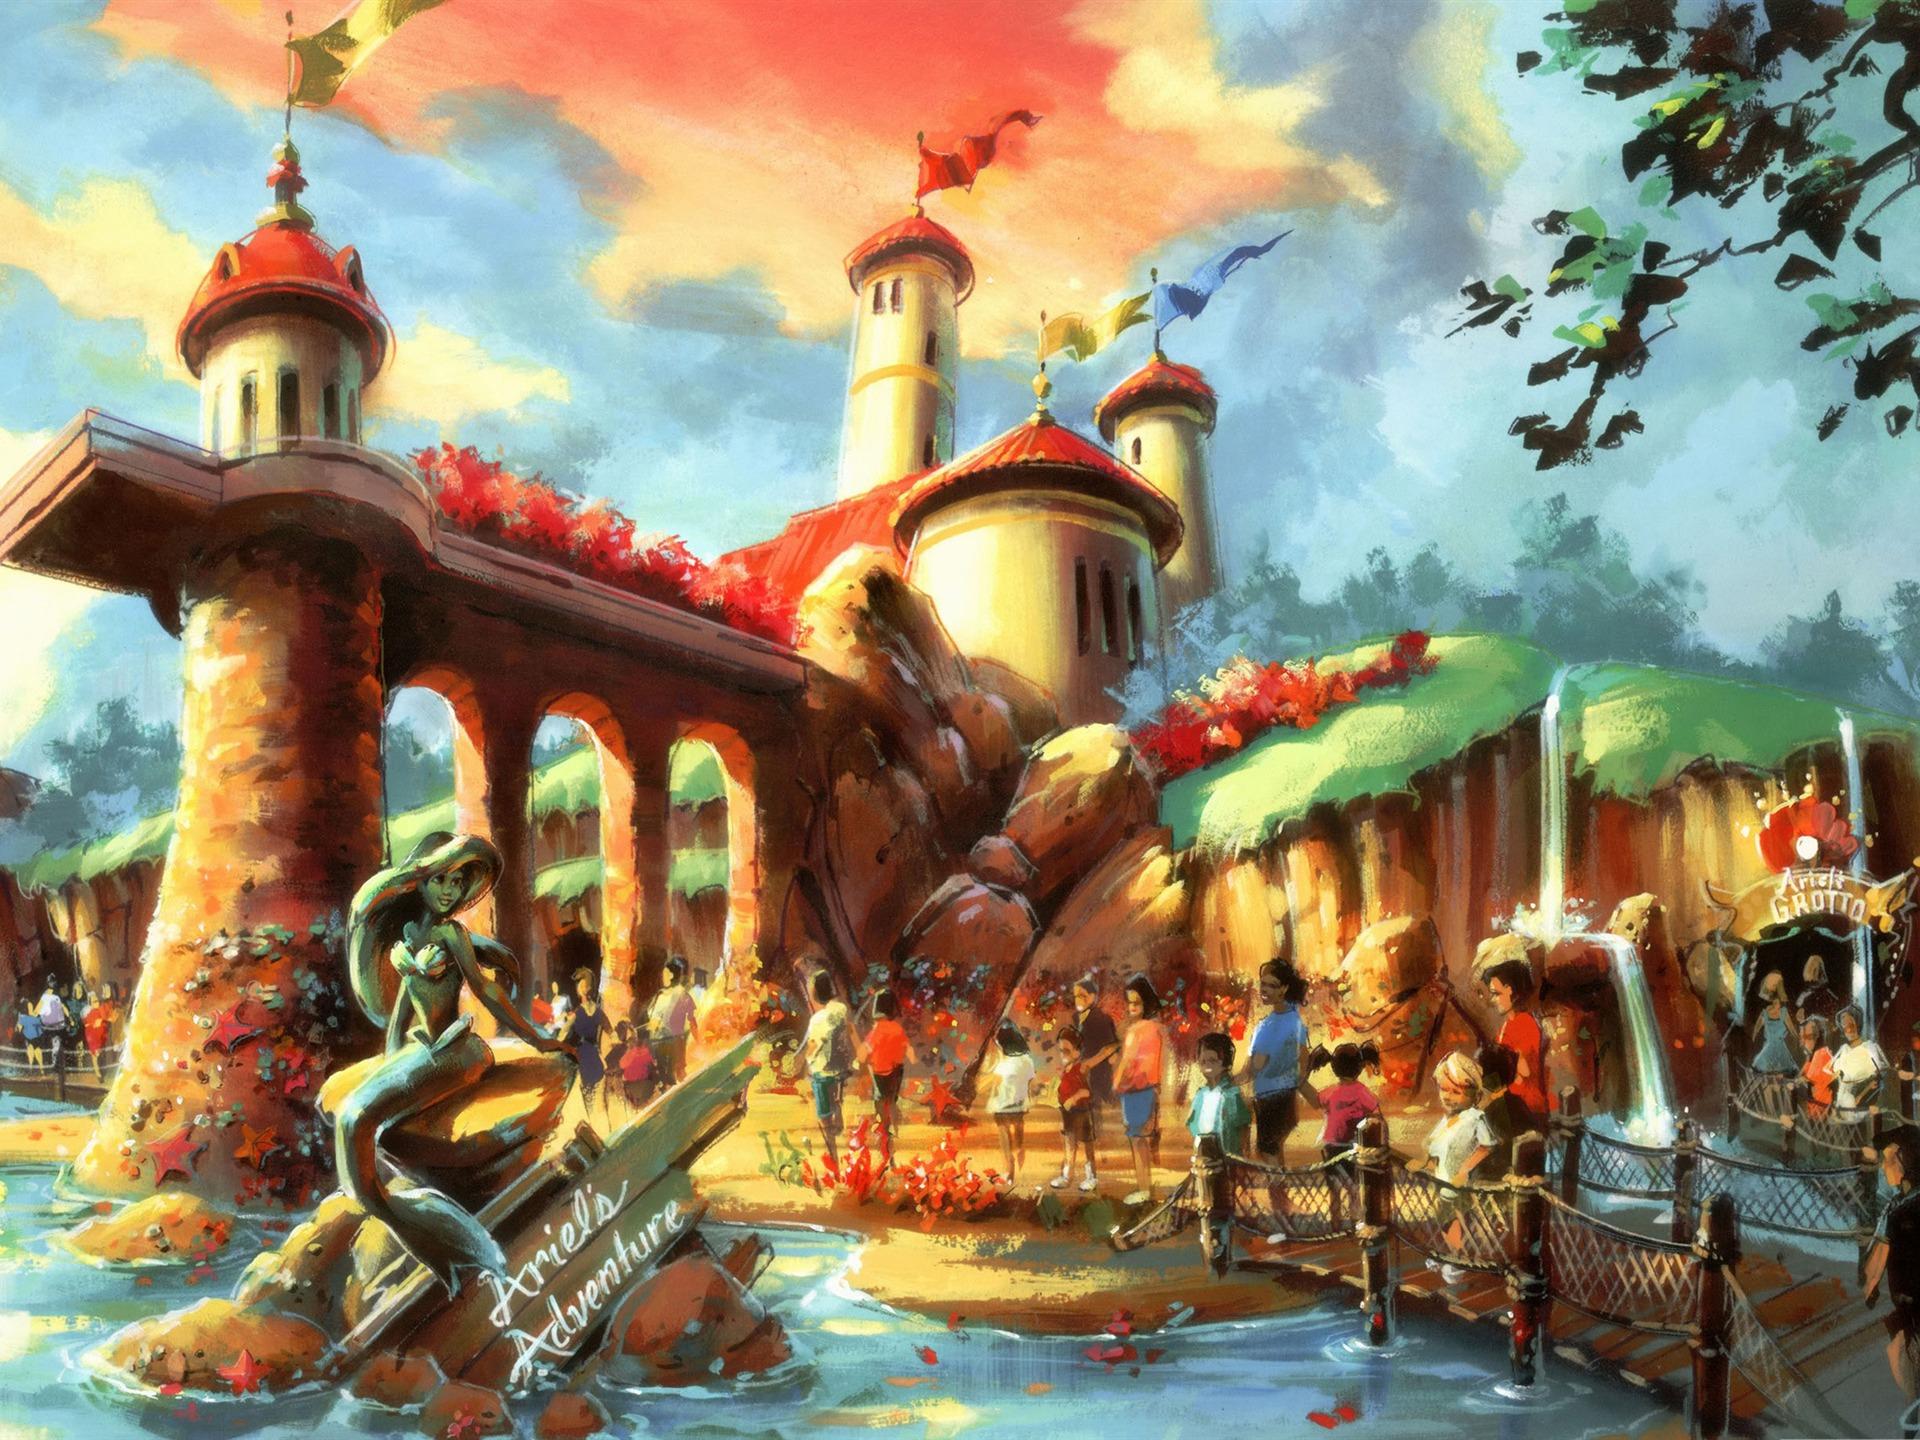 アリエル ディズニーのキャラクターの作業のデスクトップピクチャプレビュー 10wallpaper Com